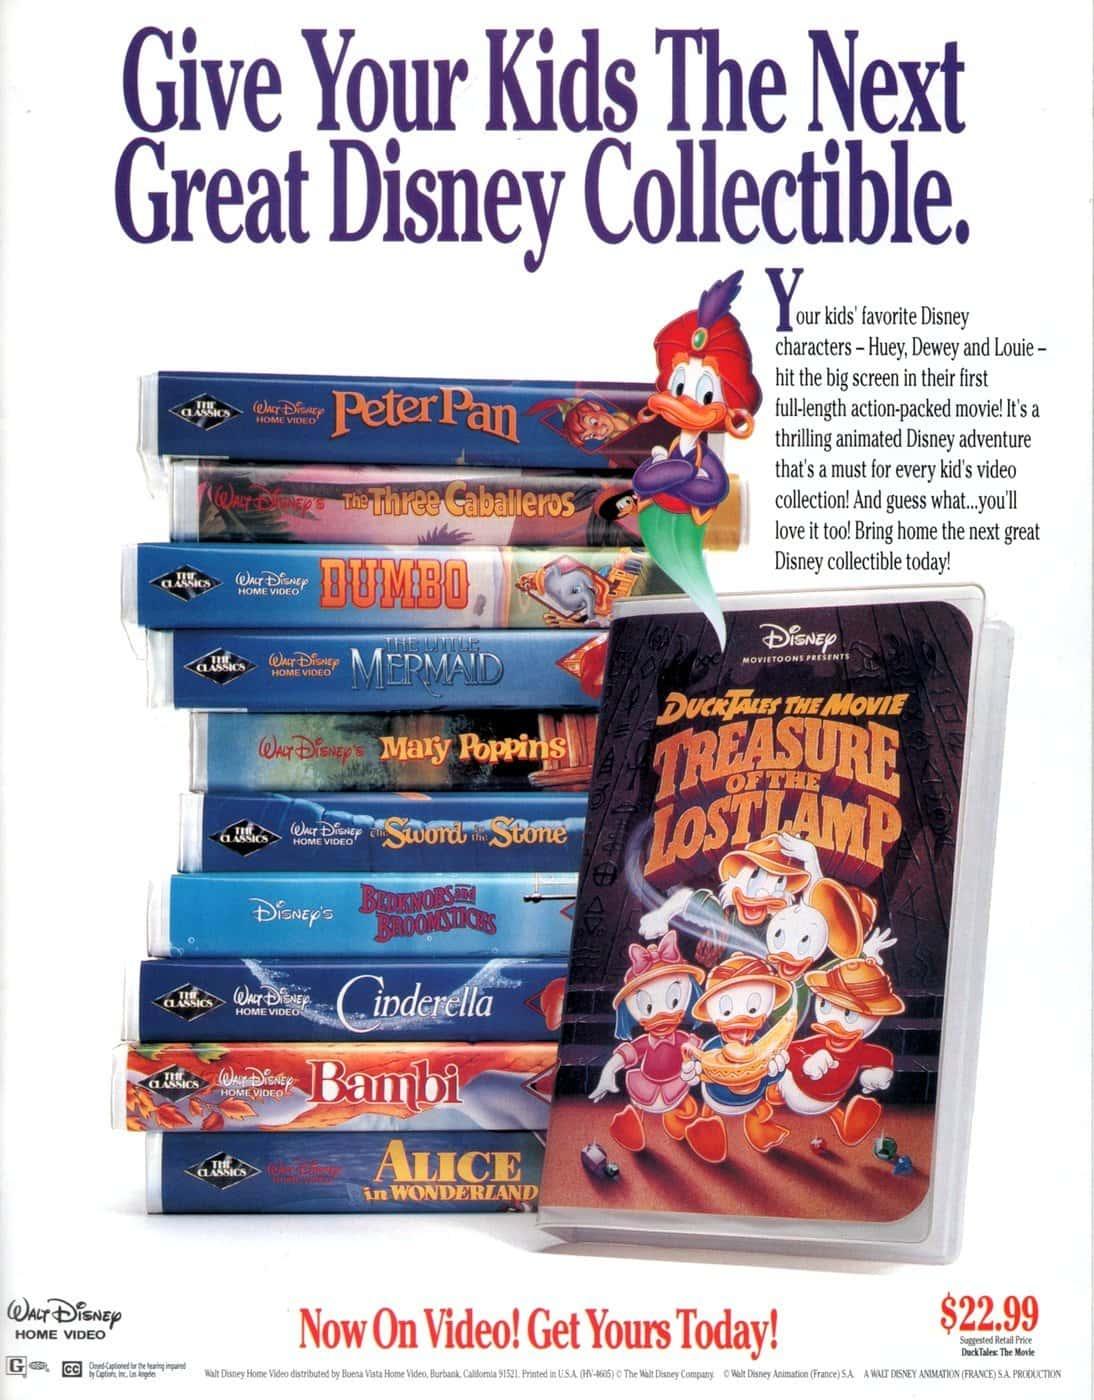 Ducktales -- Walt Disney Home Video (1991)